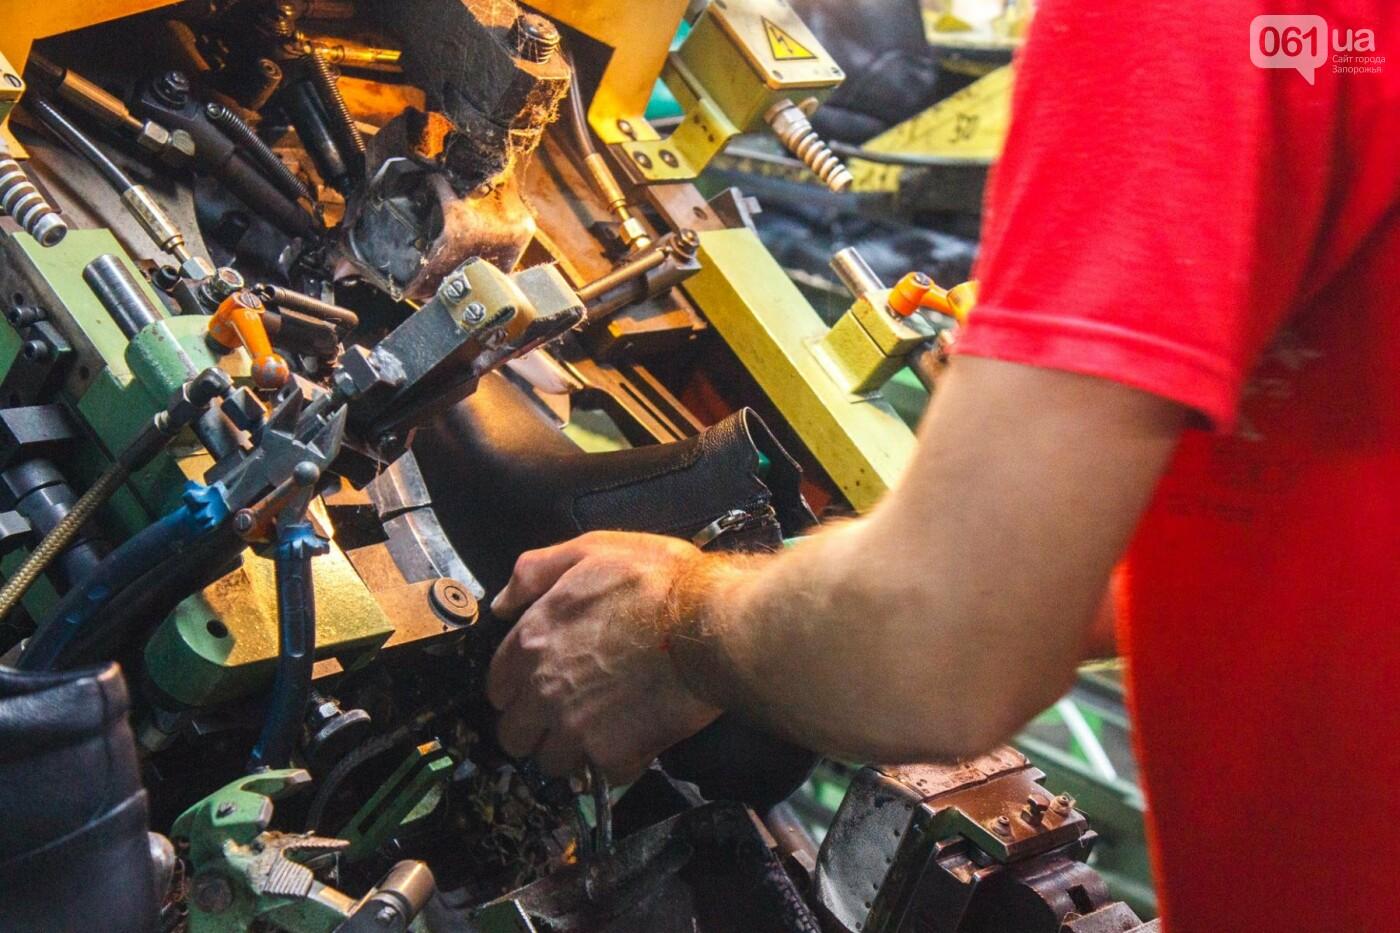 Как создается обувь: экскурсия на запорожскую обувную фабрику, – ФОТОРЕПОРТАЖ, фото-54